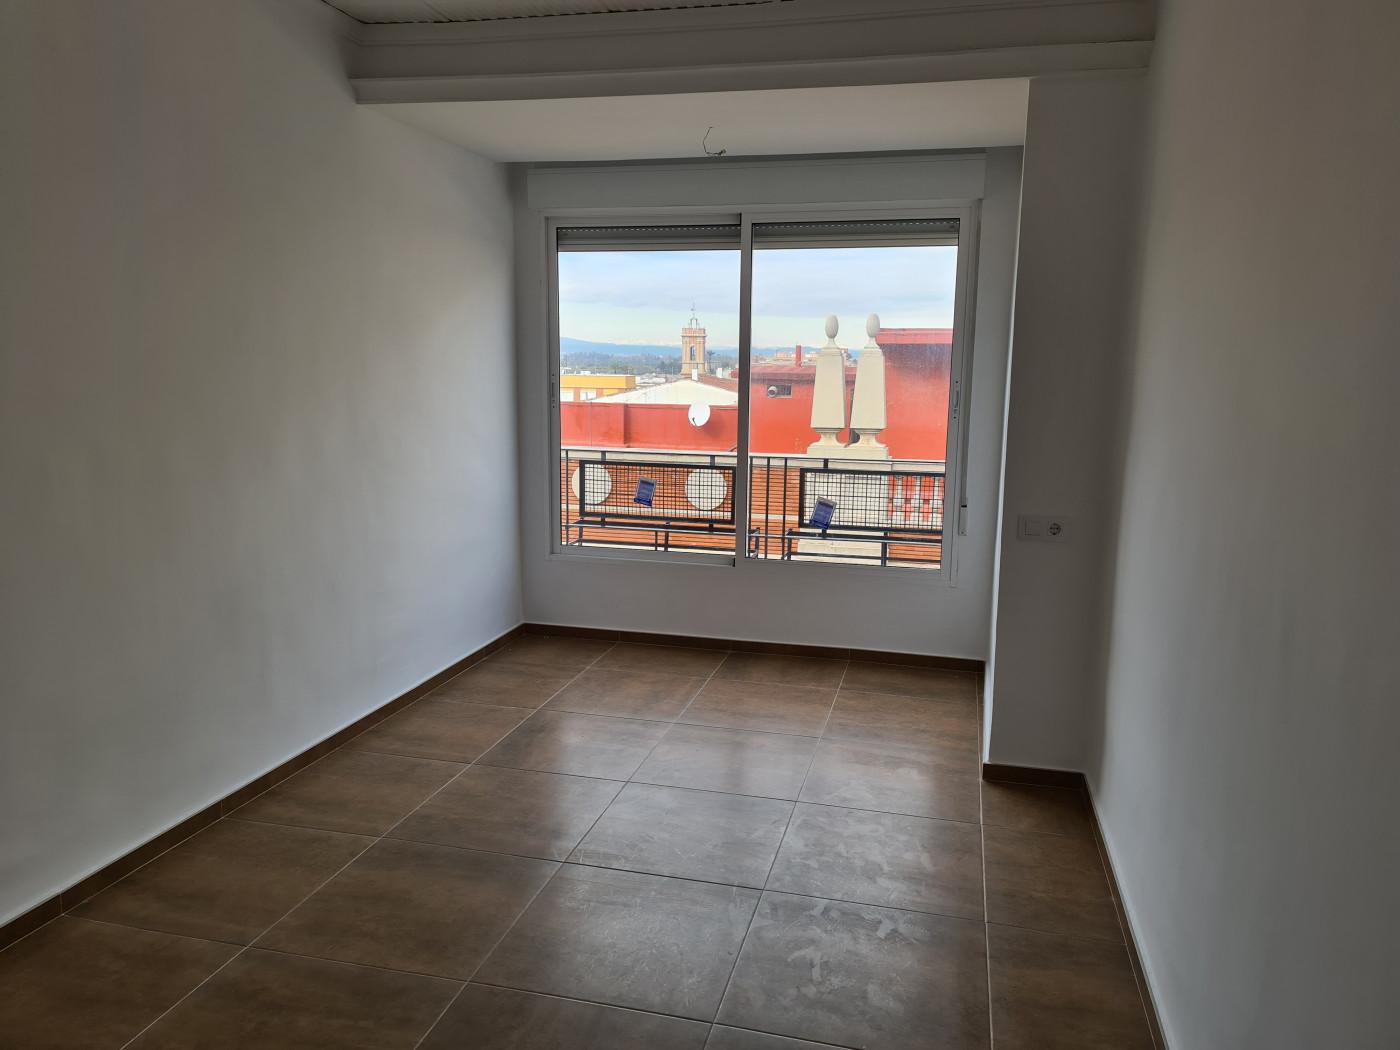 Rent Flat  Calle calle de san josé de calasanz. Alg642 - fincas girbés presenta piso en la calle san jose de cal